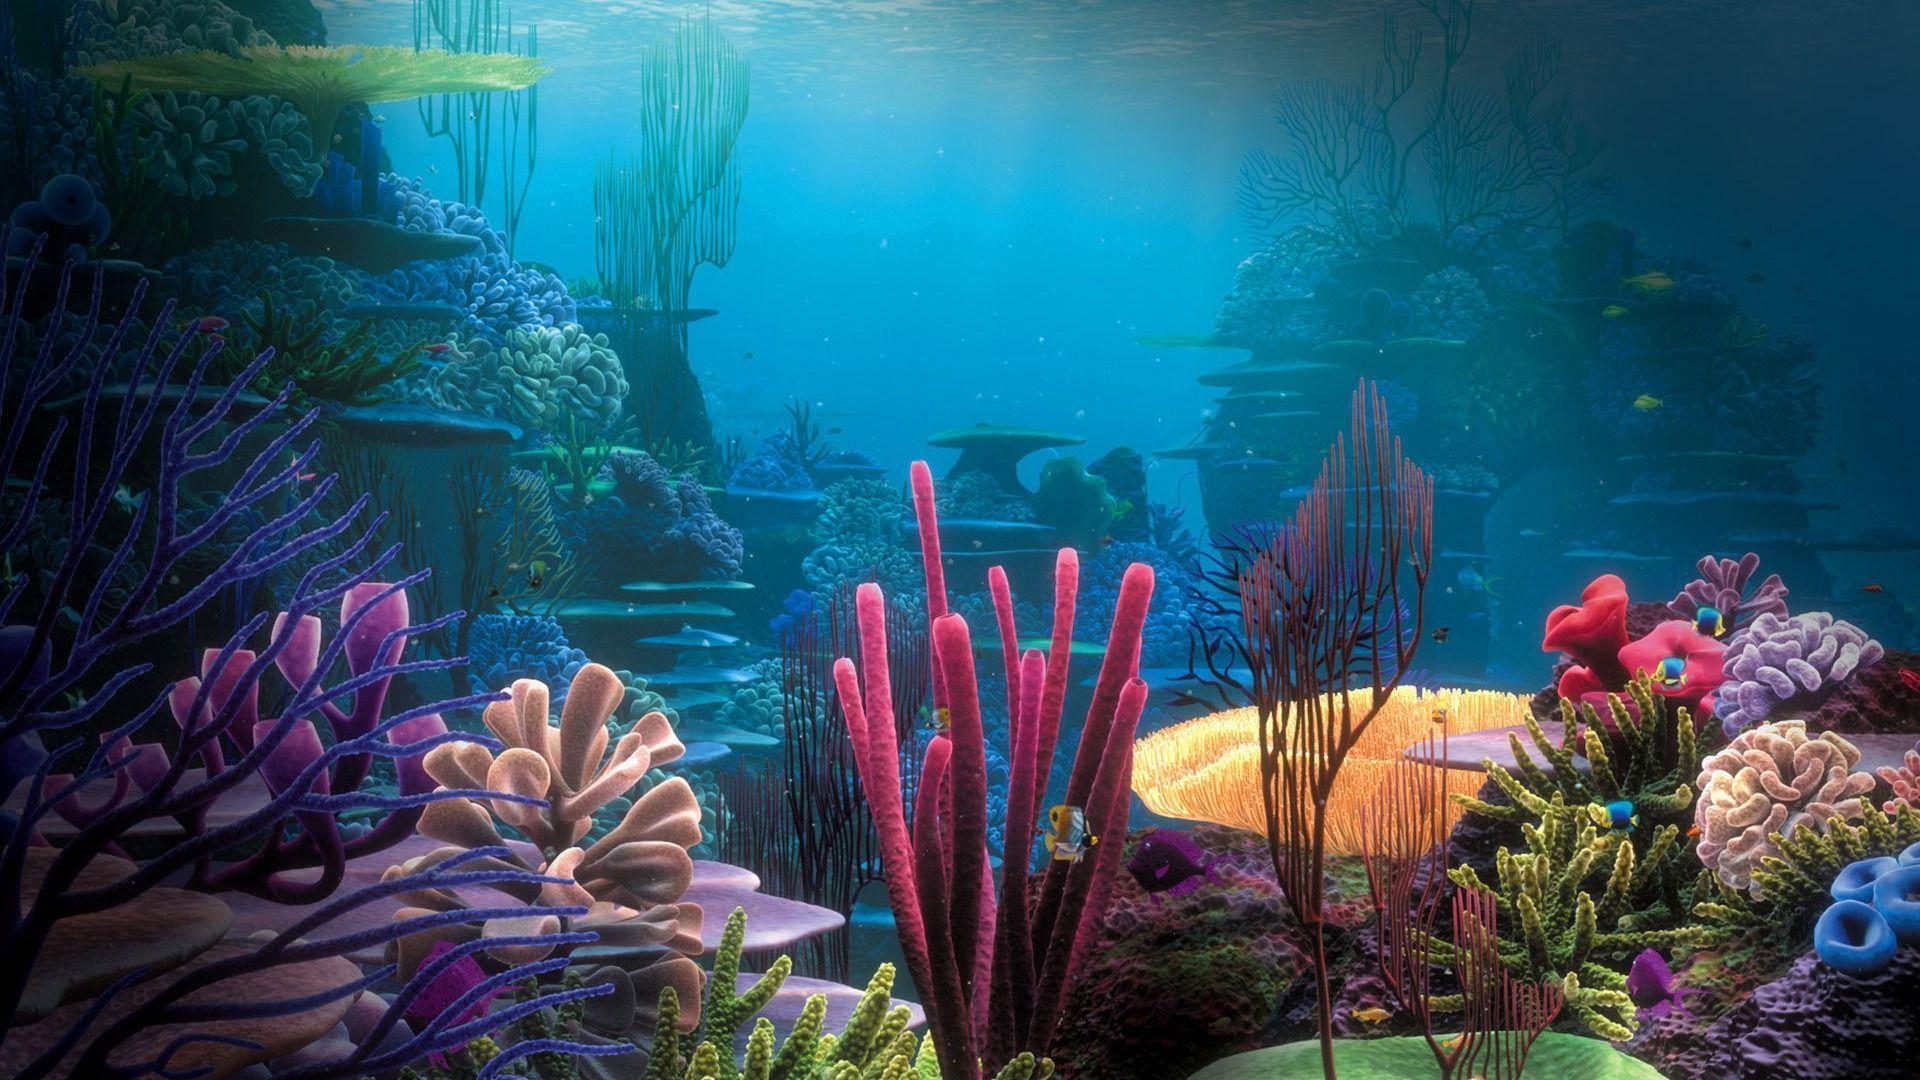 Wallpaper download life - Ocean Life Backgrounds Images Free Download 1920 1080 Ocean Life Backgrounds 52 Wallpapers